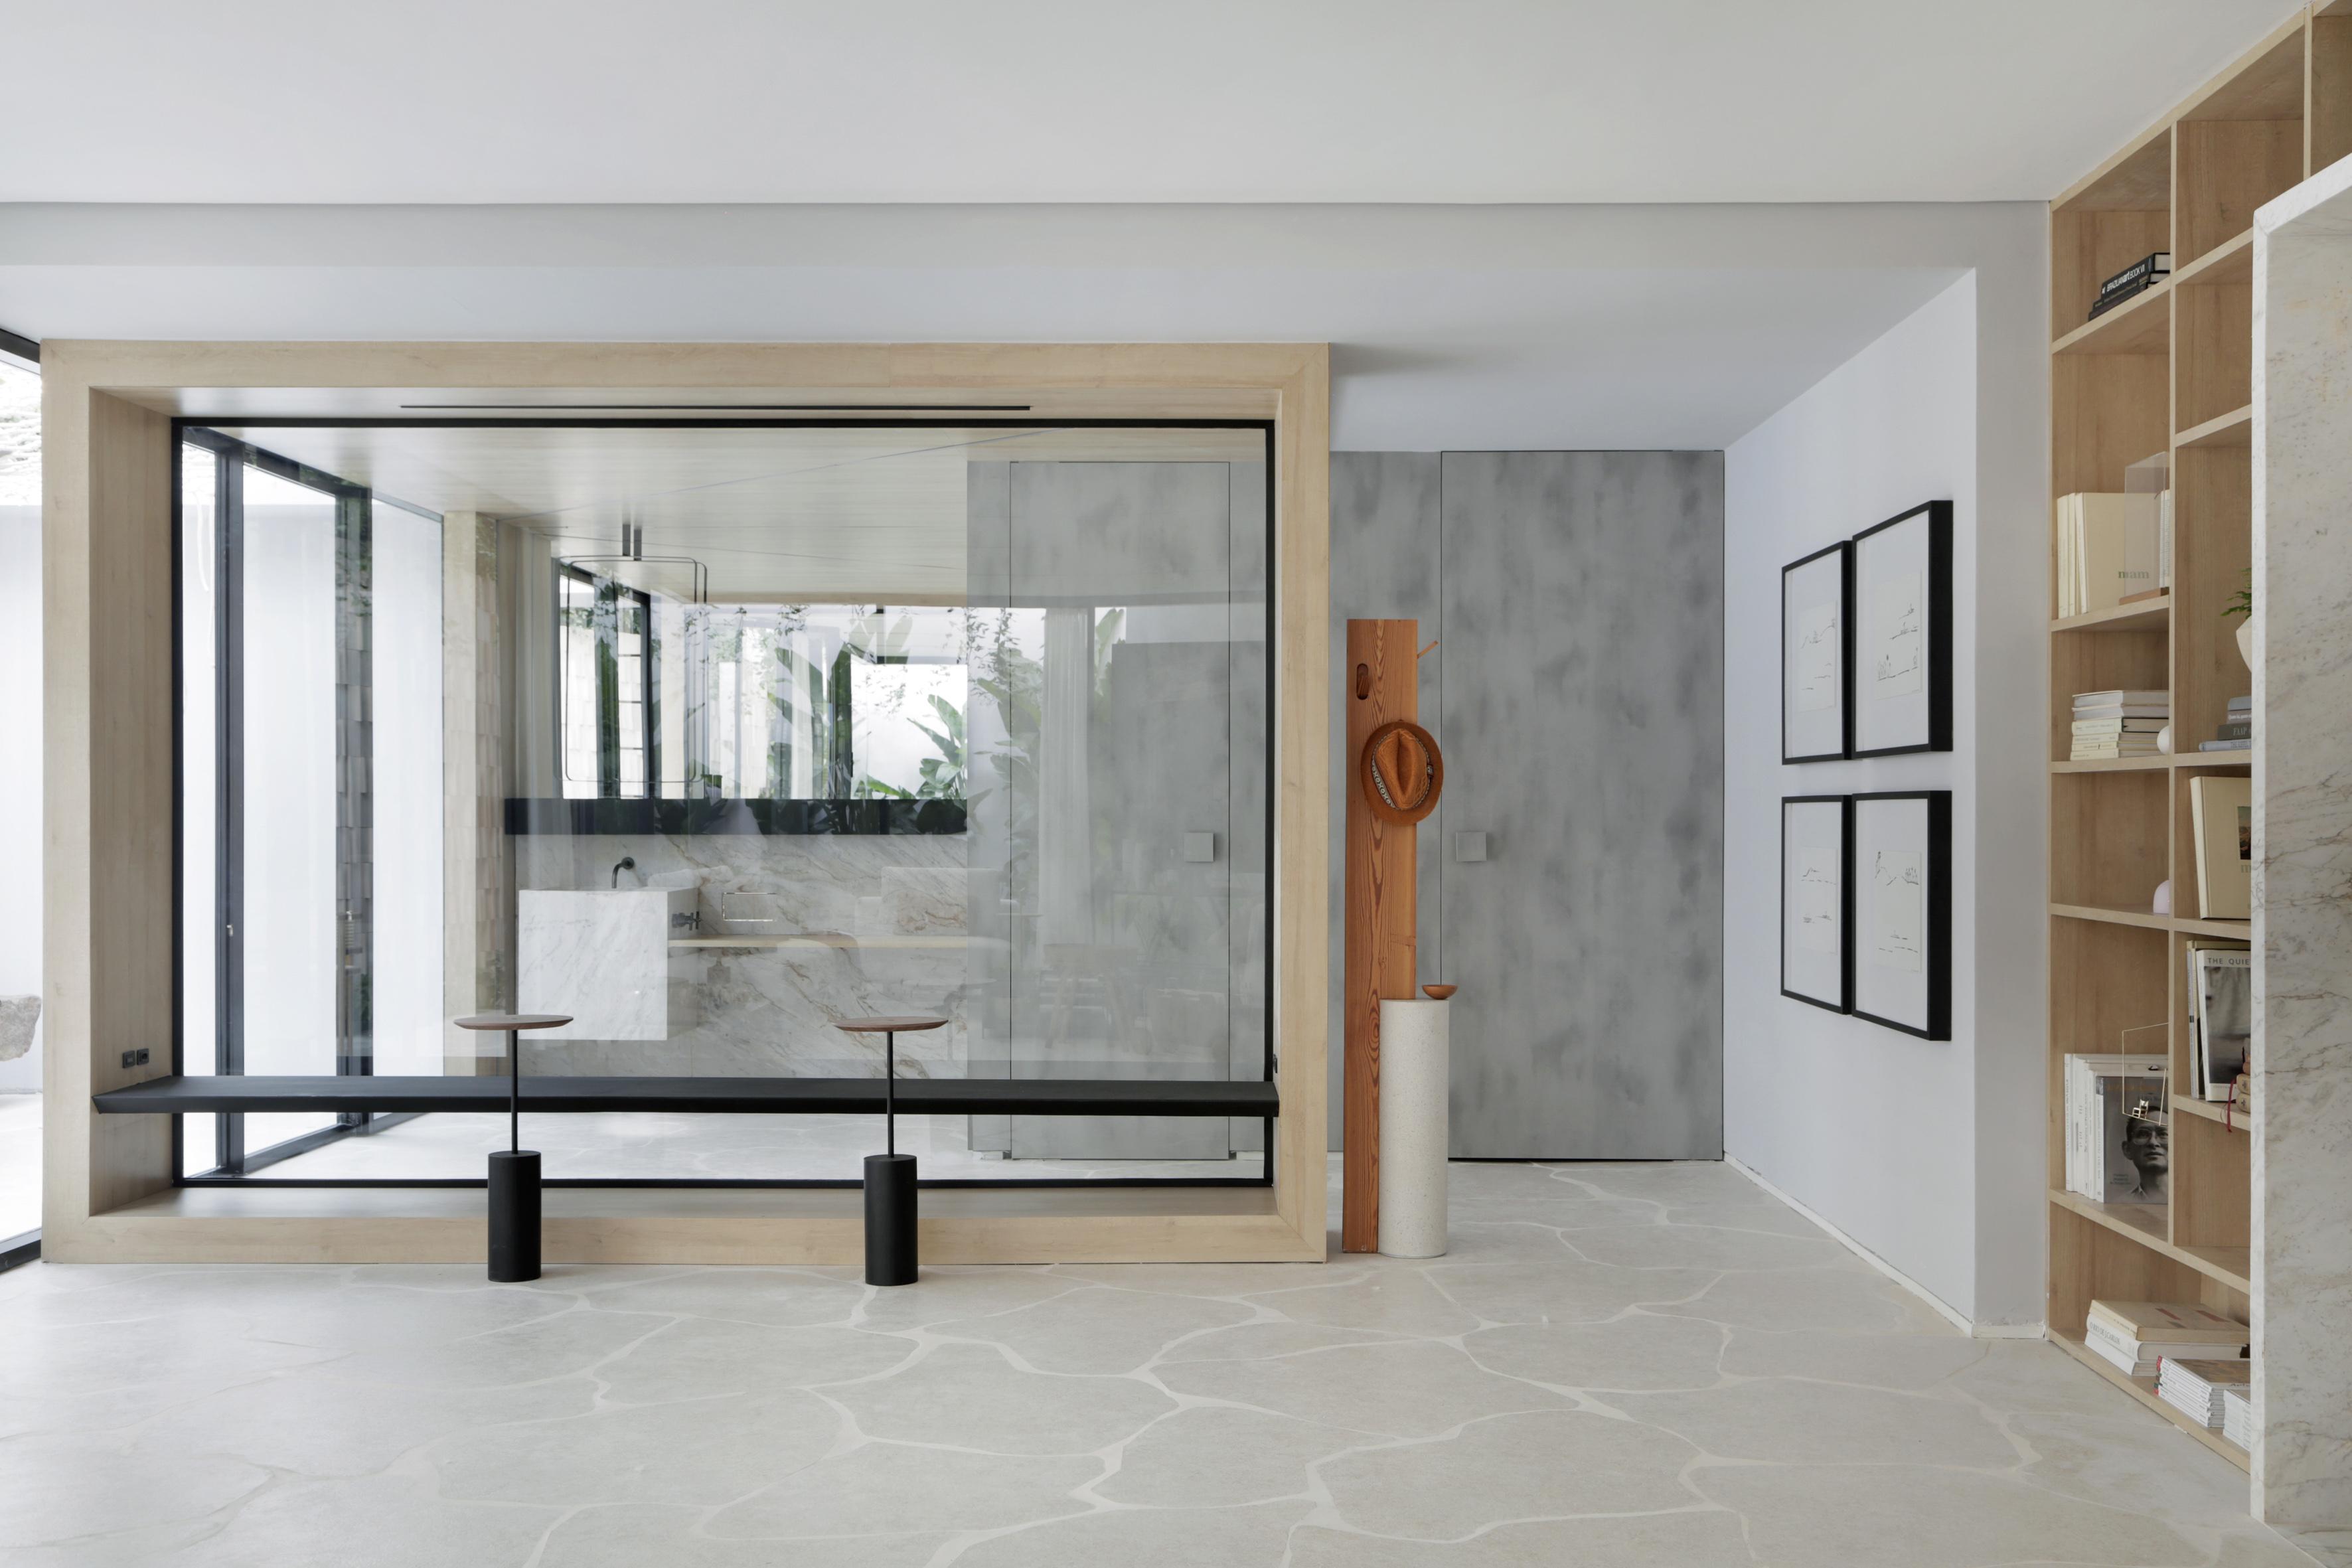 Casa Conecta: Ticiane Lima, CASACOR SP 2019.  Living. Uma enorme estante nichada que cobre a parede inteira, e exibe a tonalidade natural da madeira clara, piso em formato de rochas  e quadros de Zanine e de Maria Kruchewiscky.